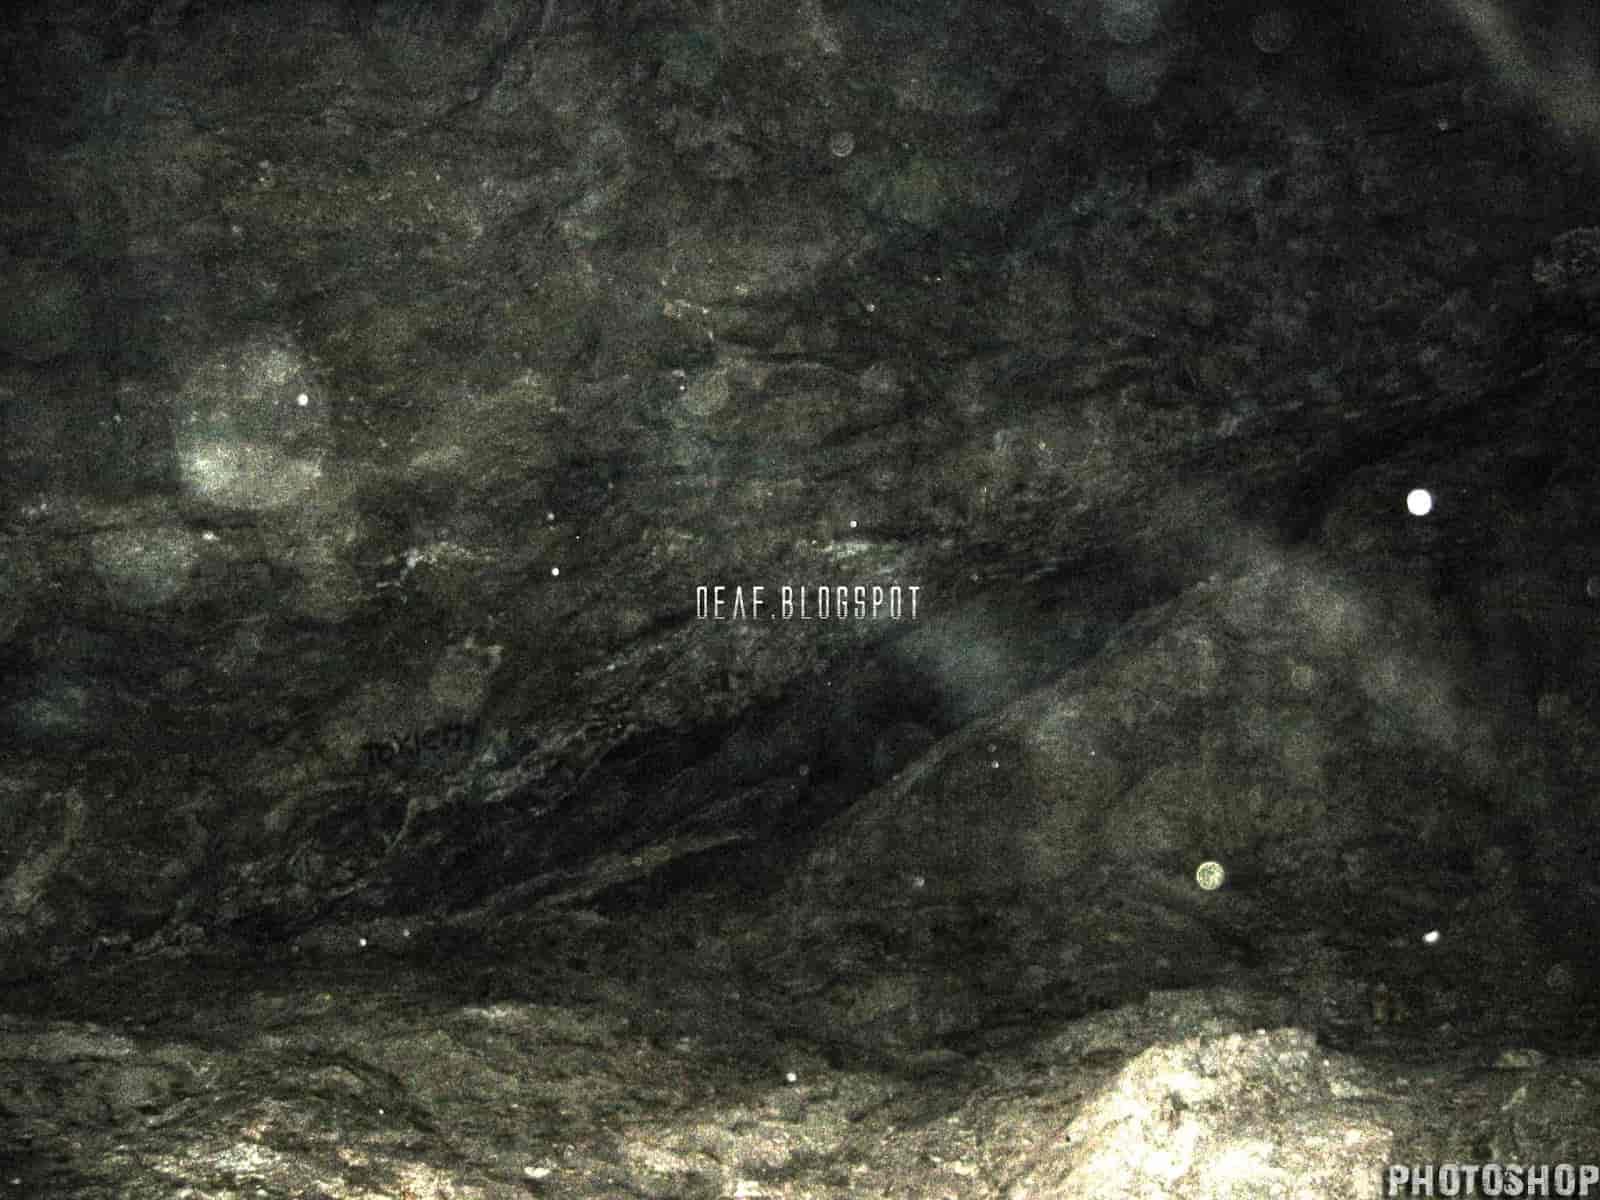 Τι Υπάρχει και Ζει Μέσα στο Σπήλαιο της Πεντέλης (εκπληκτικές φωτογραφίες και video) - Εικόνα22